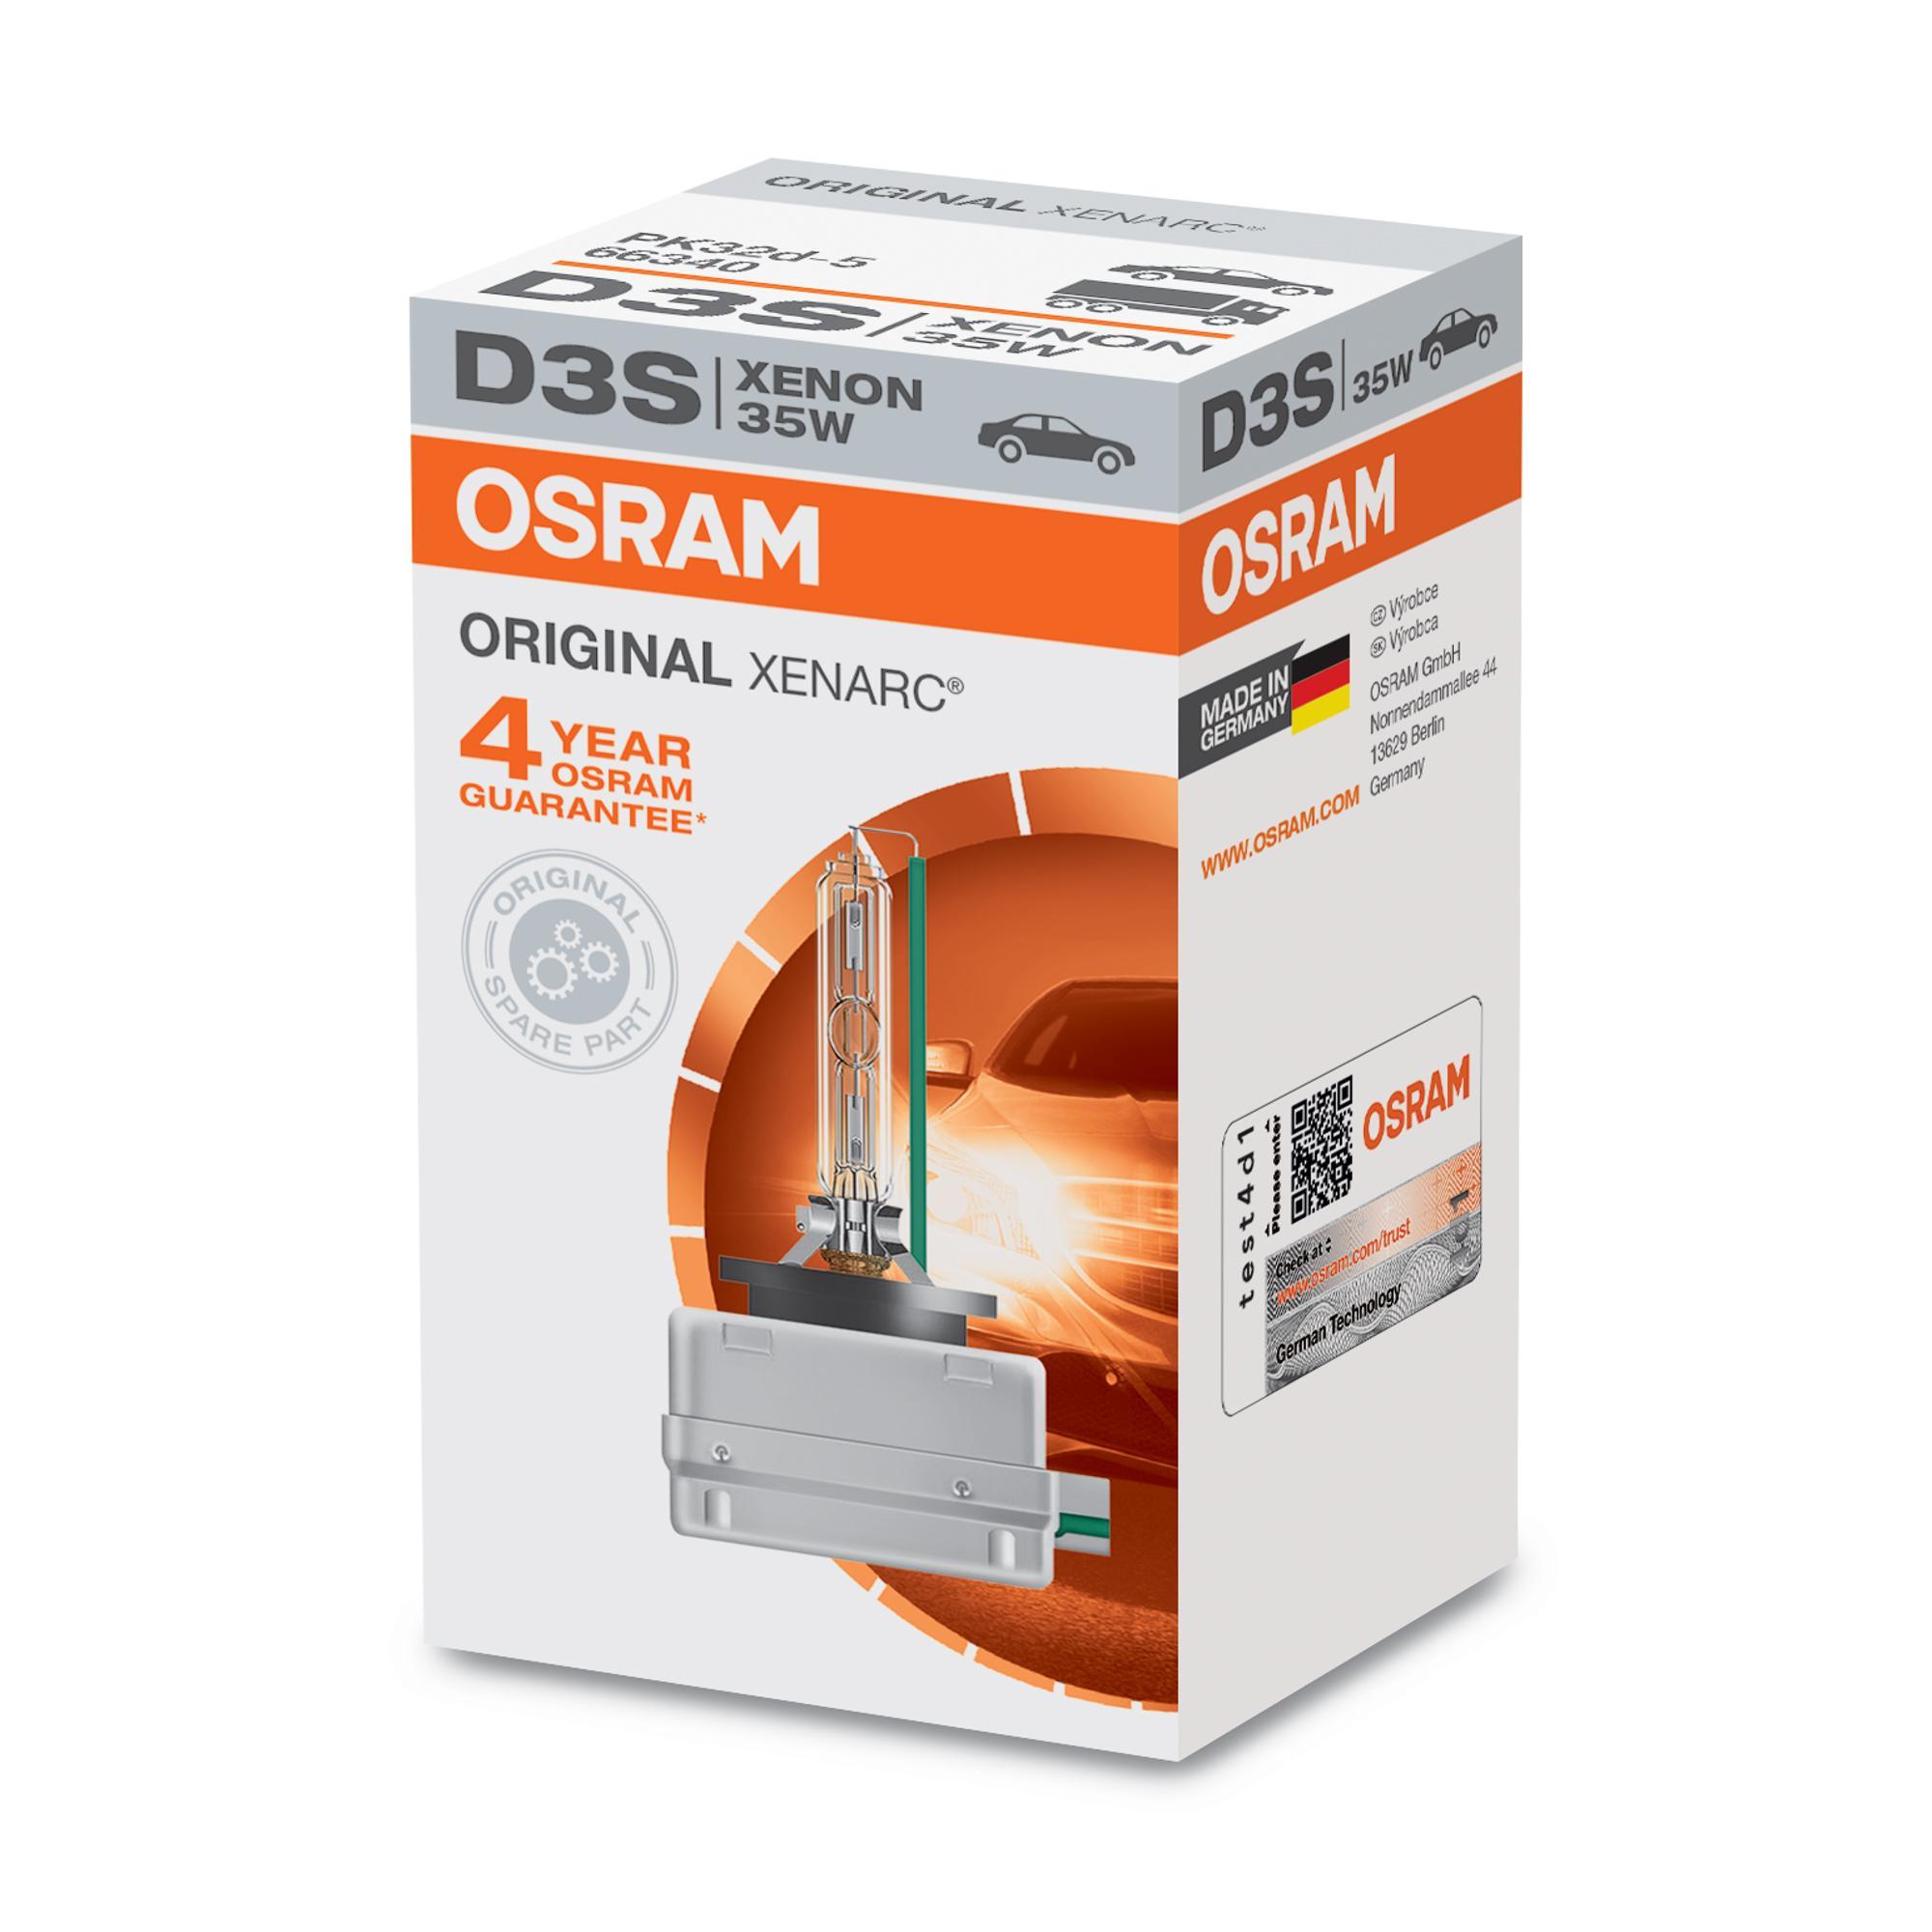 Gloeilamp, verstraler 66340 OSRAM D3S van originele kwaliteit